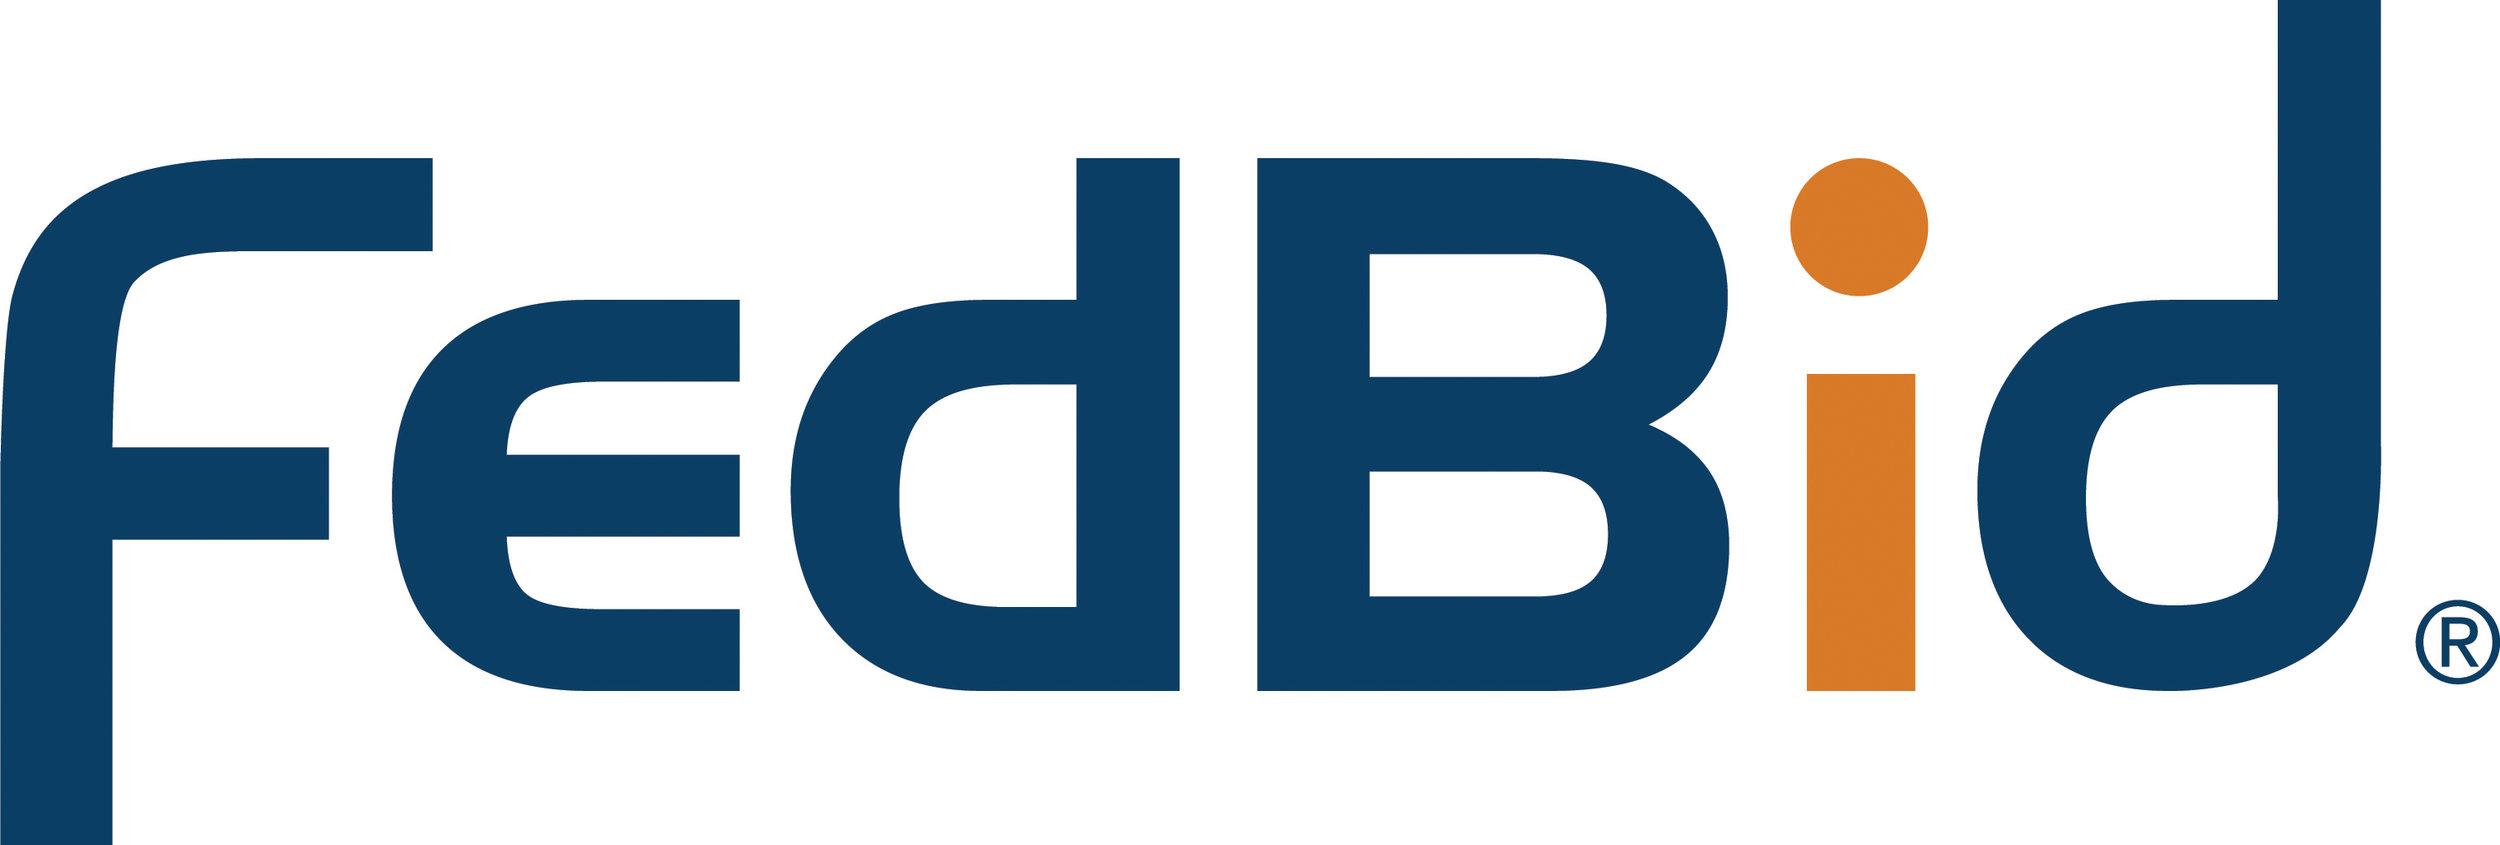 logo_Fedbid_high-res.jpg